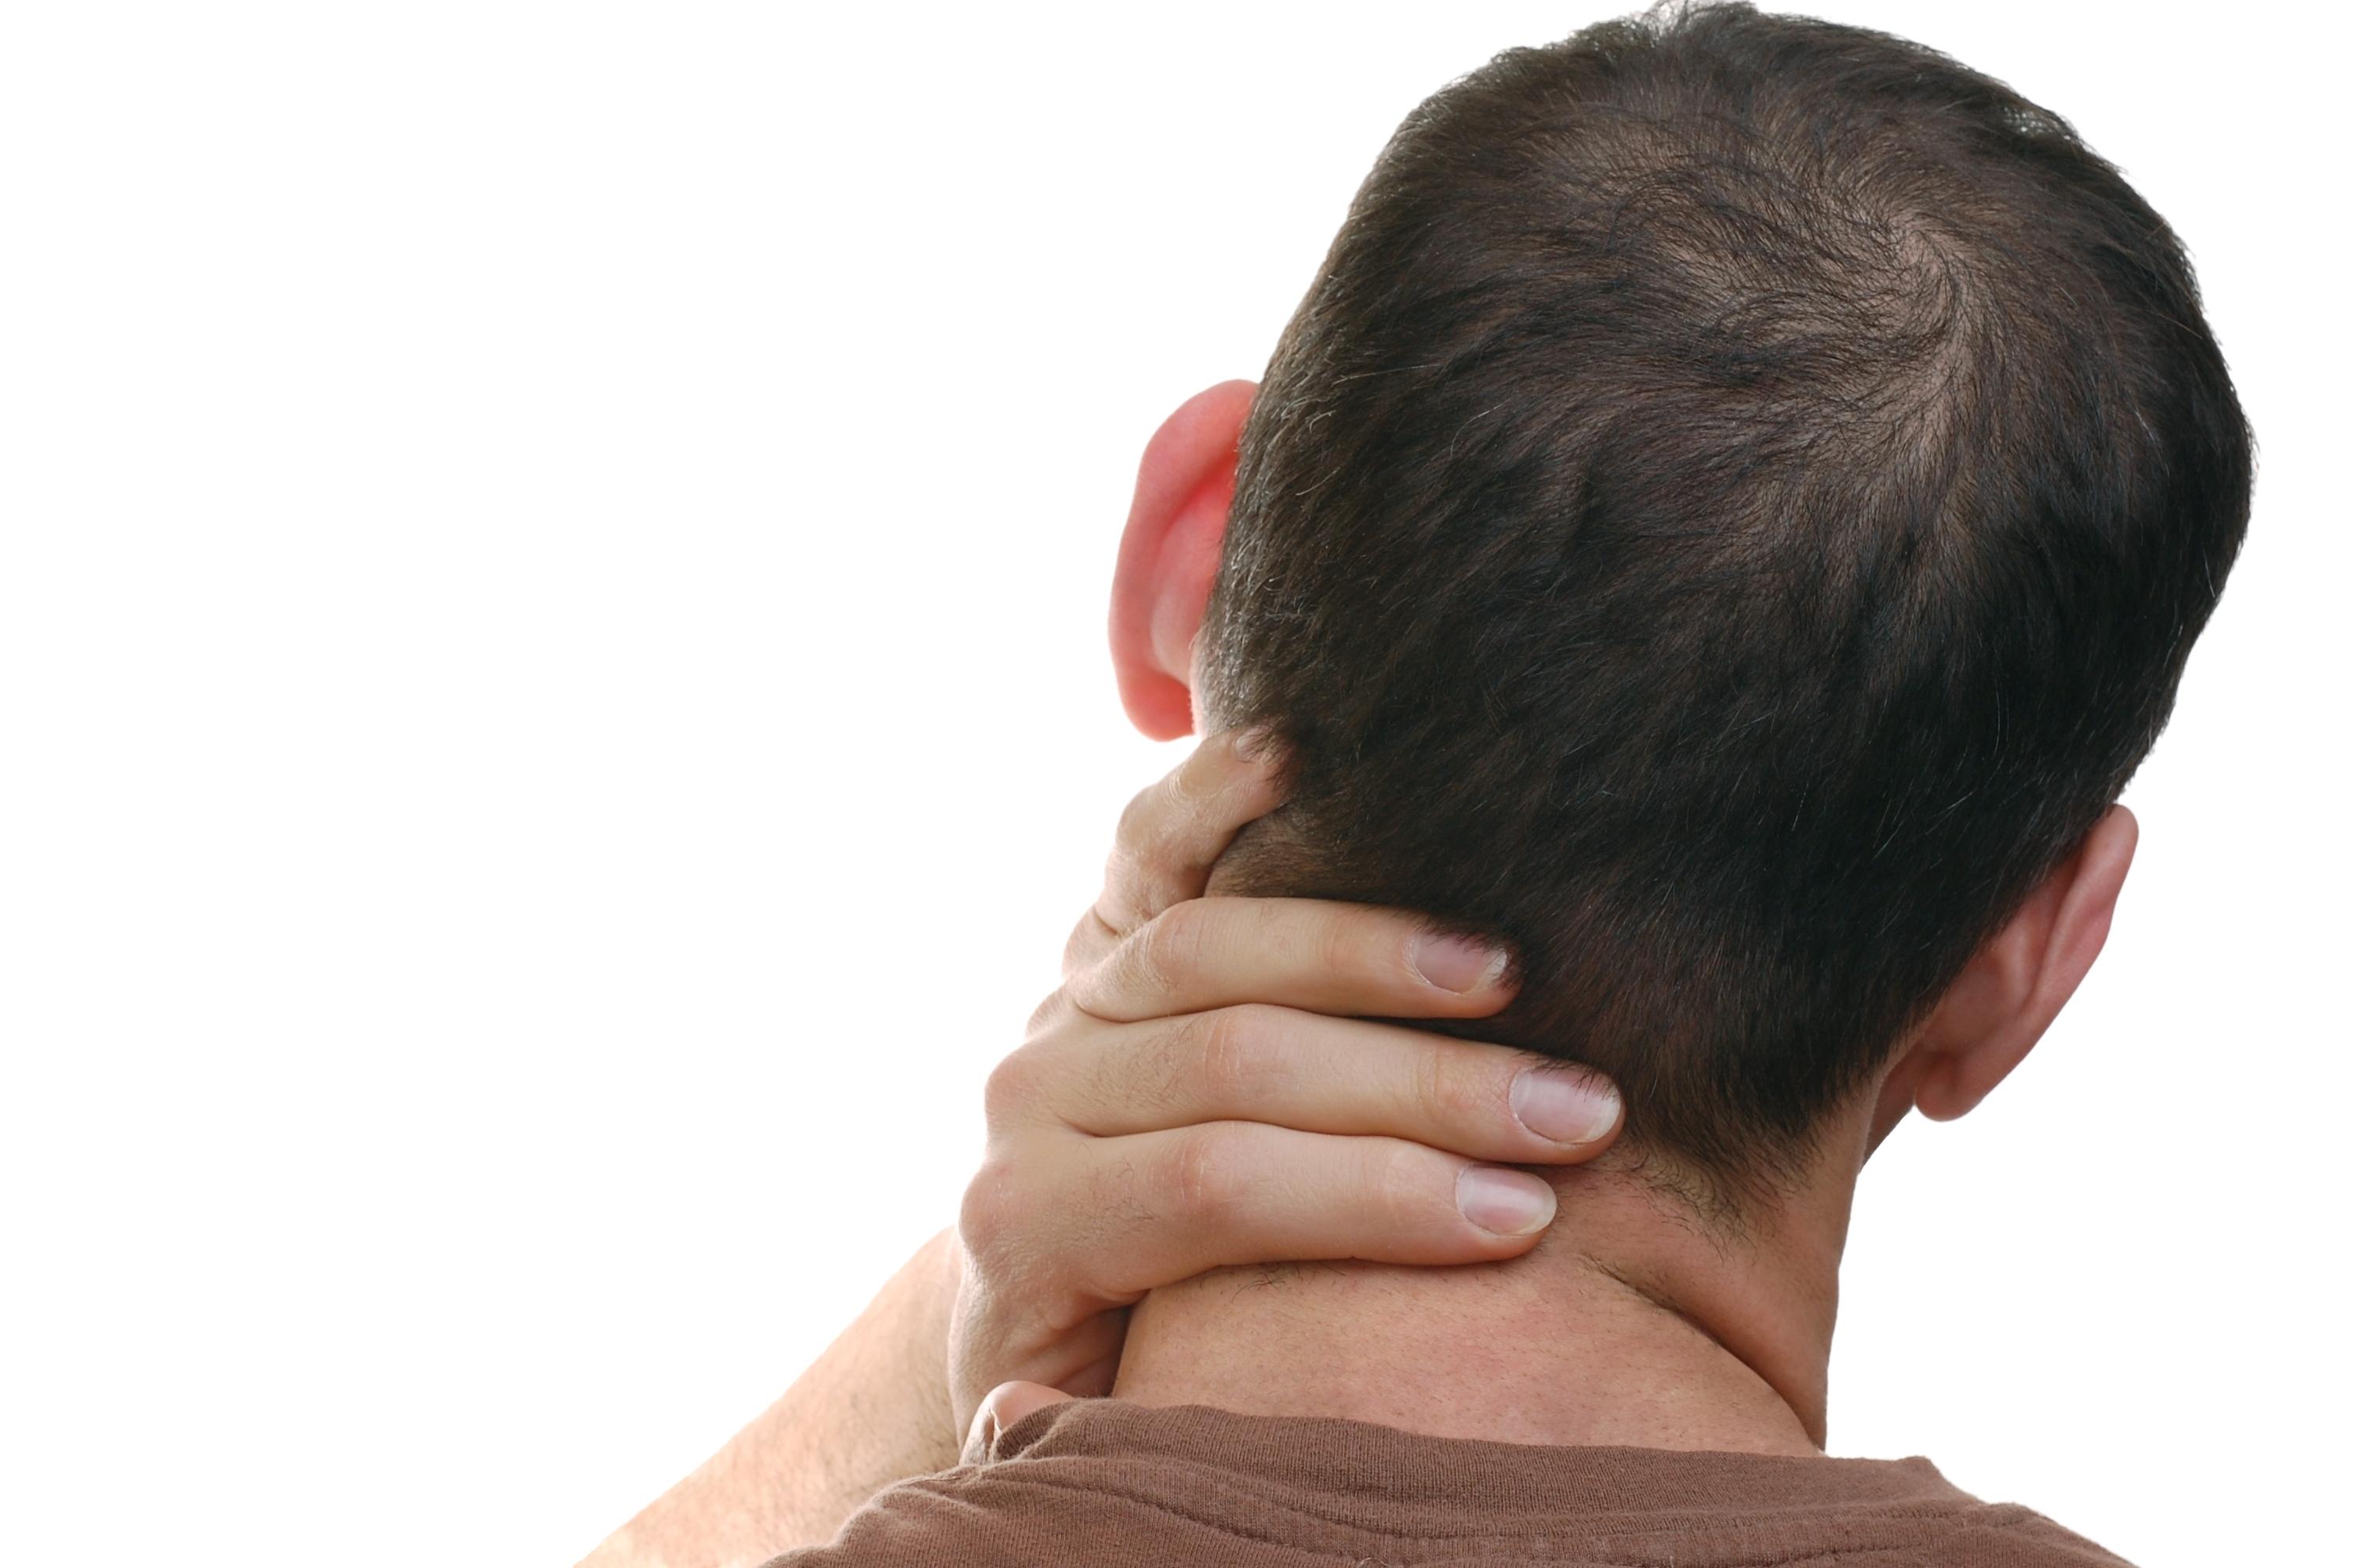 Nackspärr innebär att man får kramp i nackmusklerna och kan komma plötsligt.